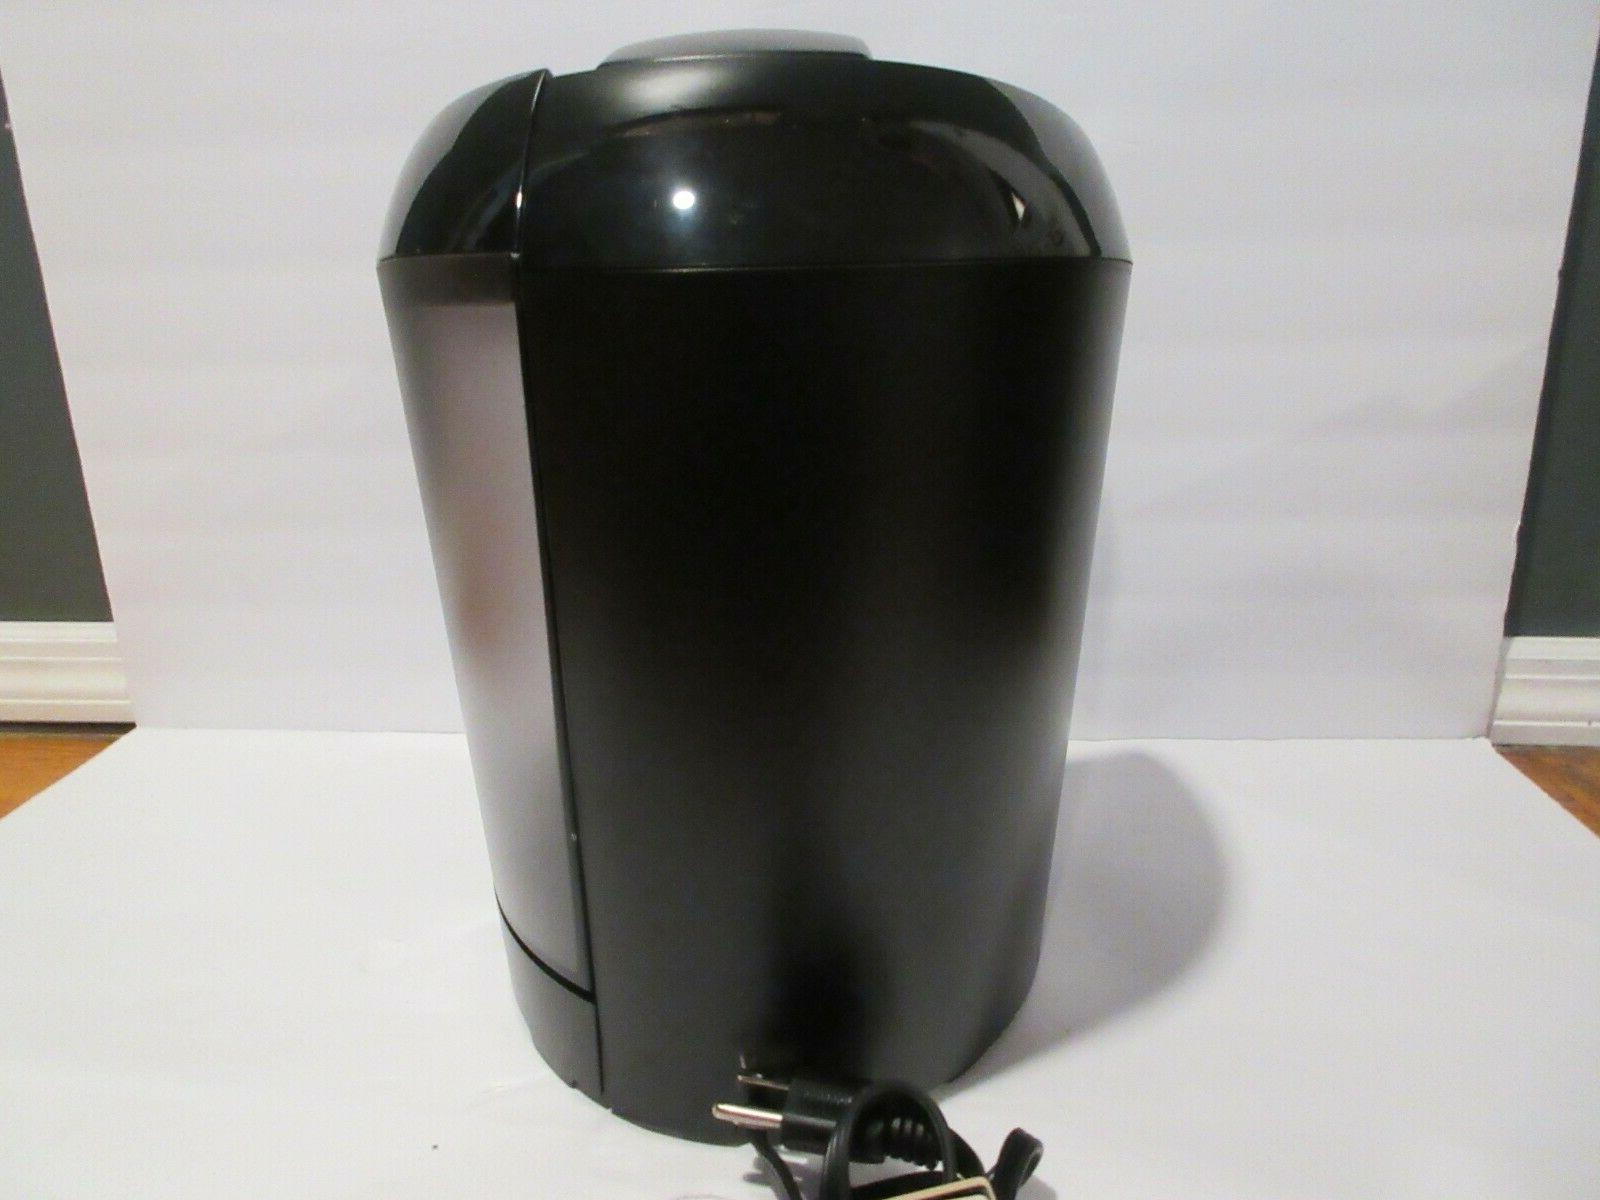 Keurig Black Single Cup Maker B40 Tested